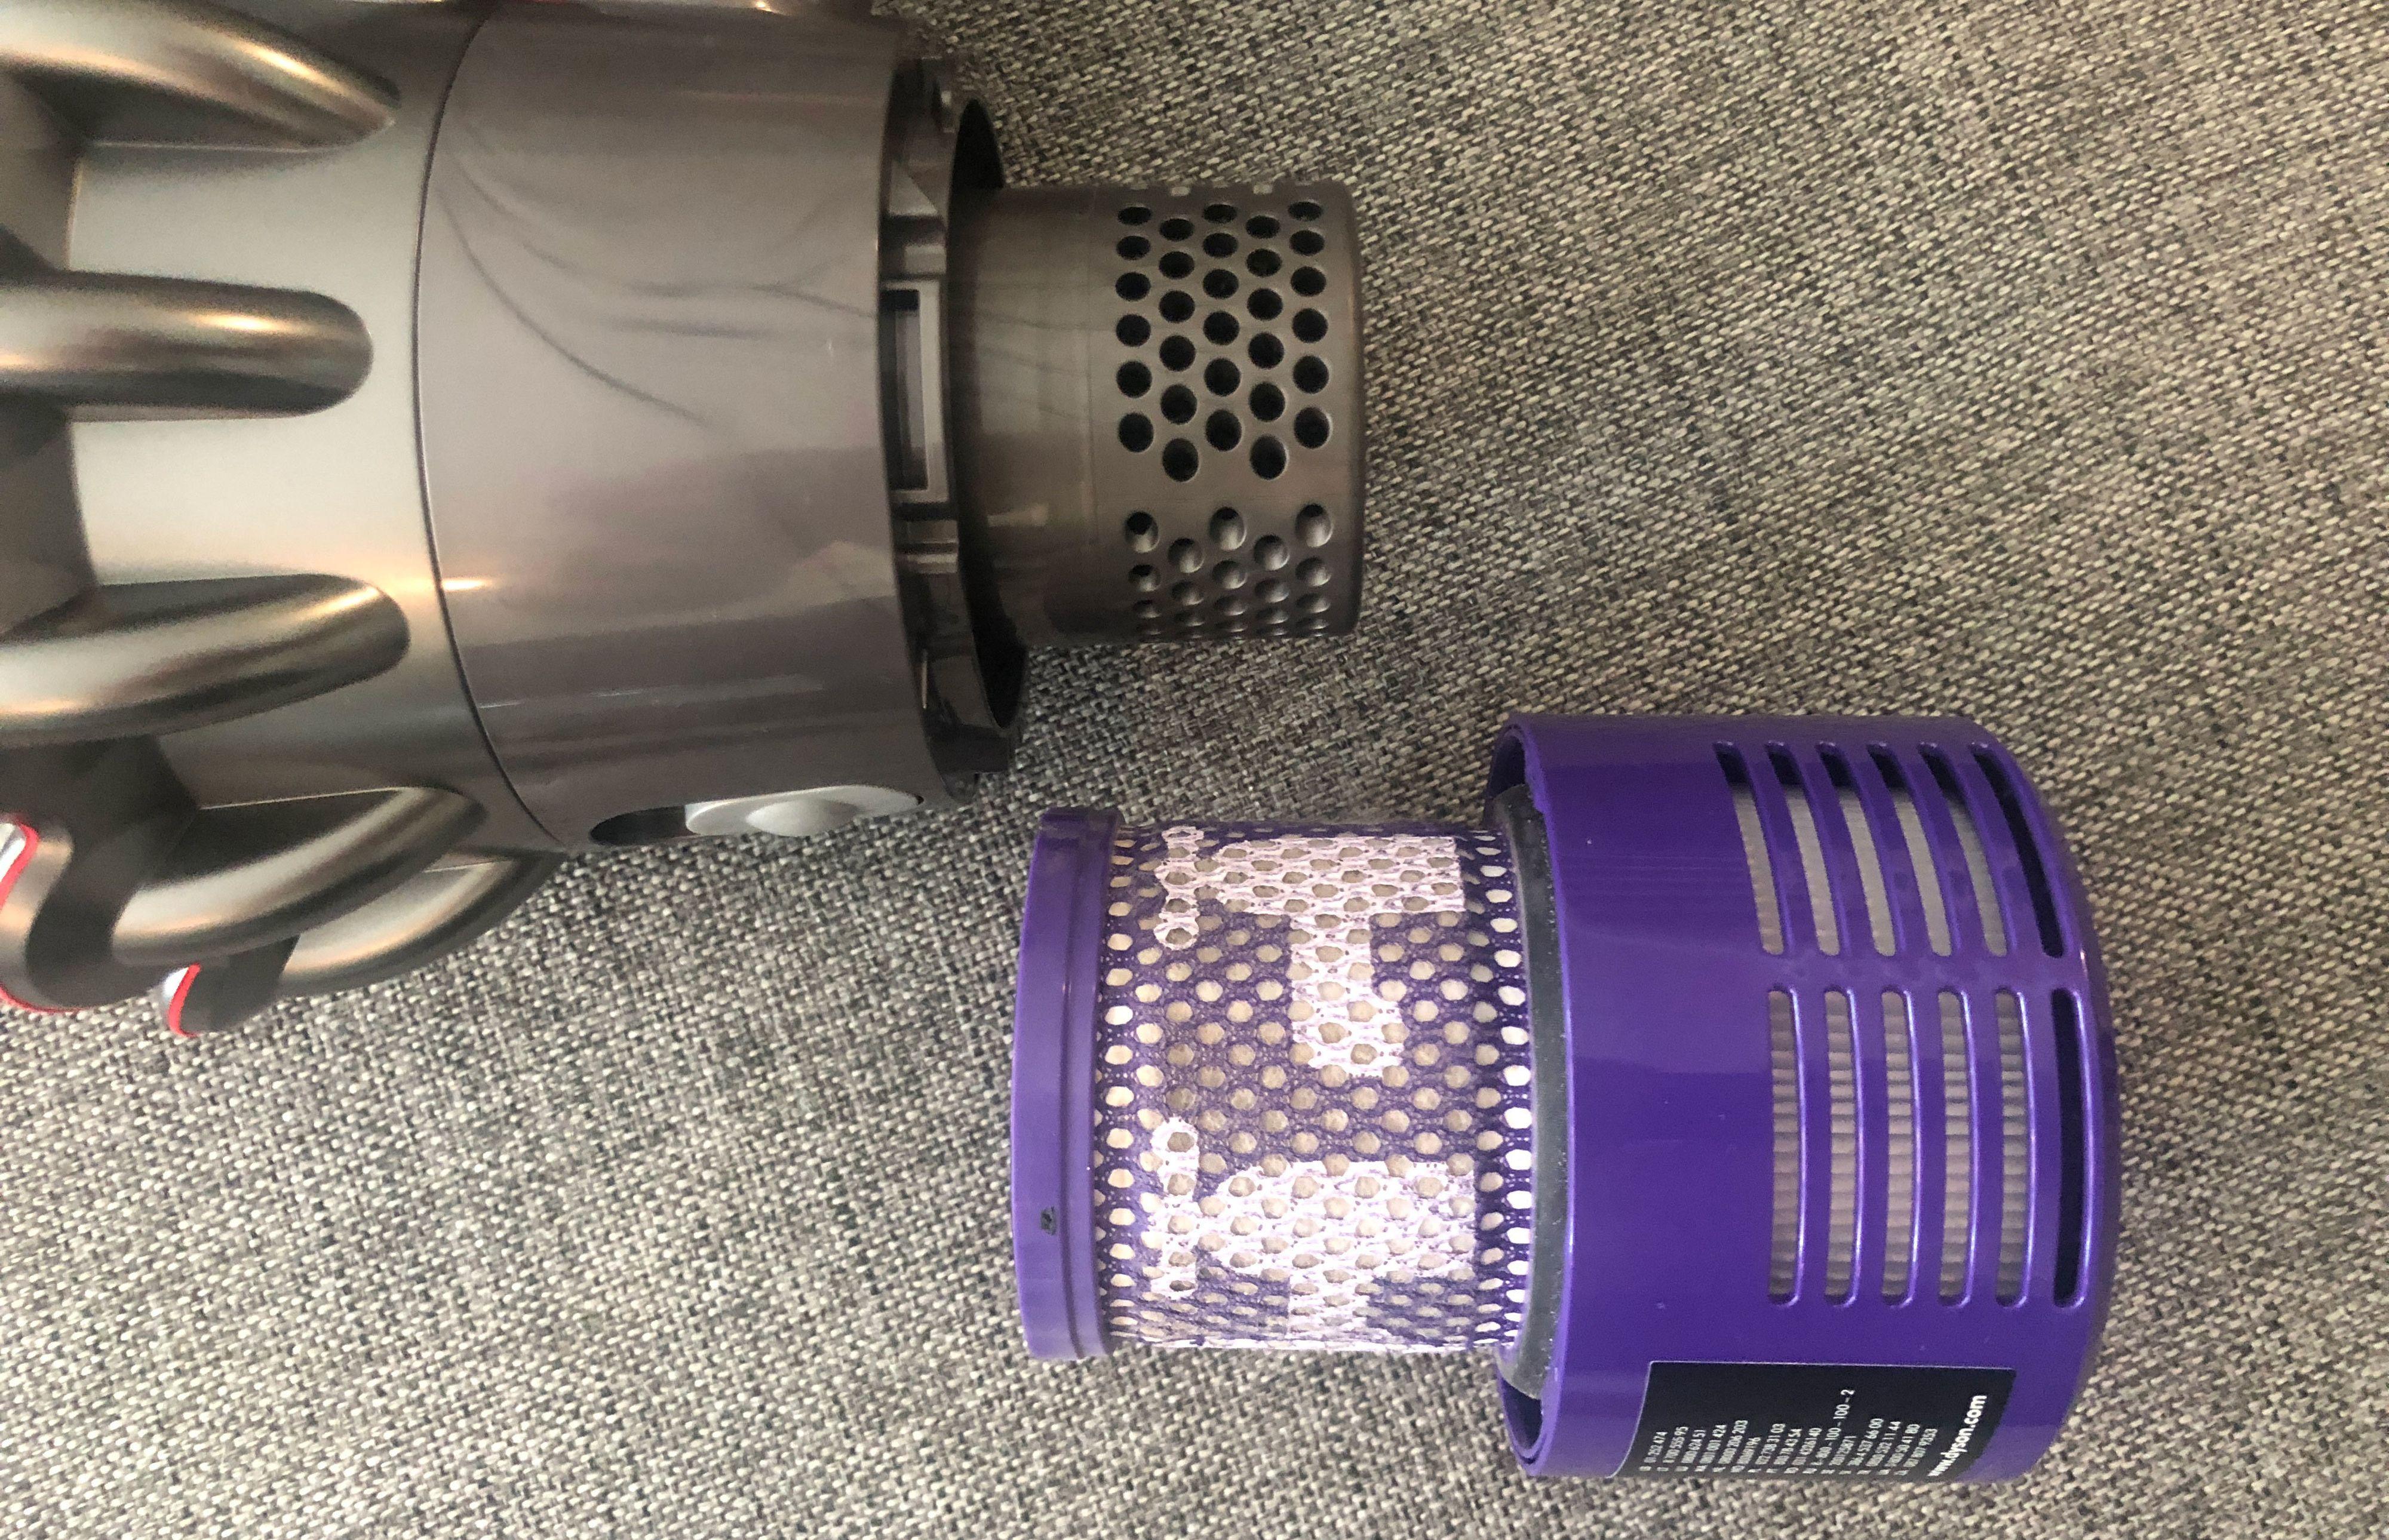 HEPA-filteret kan tas ut og vaskes.